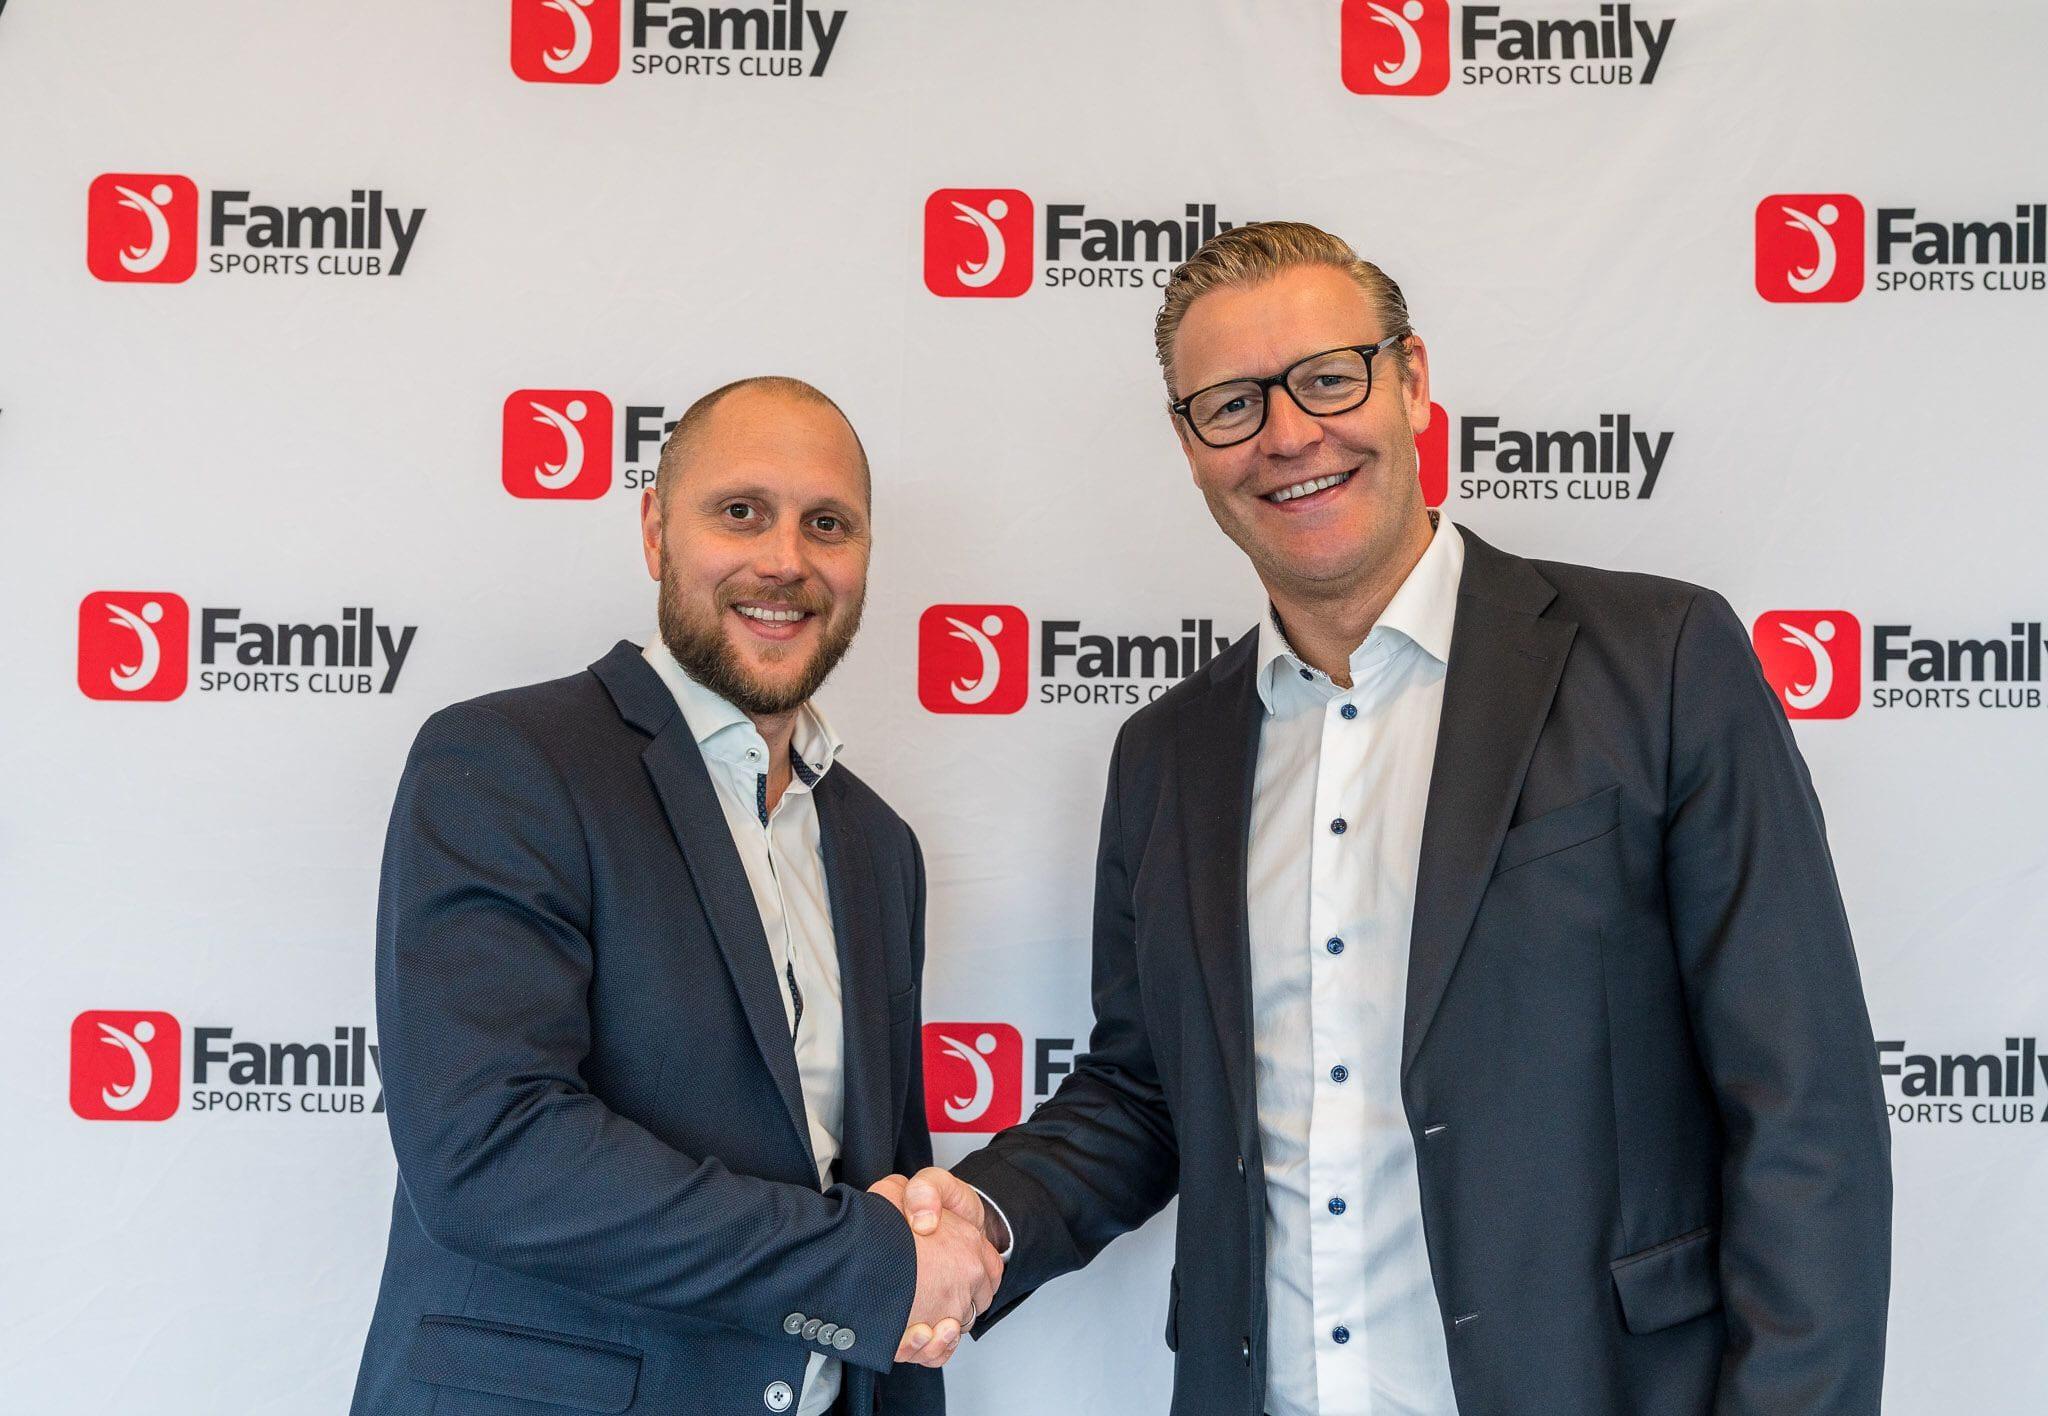 Qicraft blir hovedleverandør av treningsutstyr fra Technogym til Family Sports Club